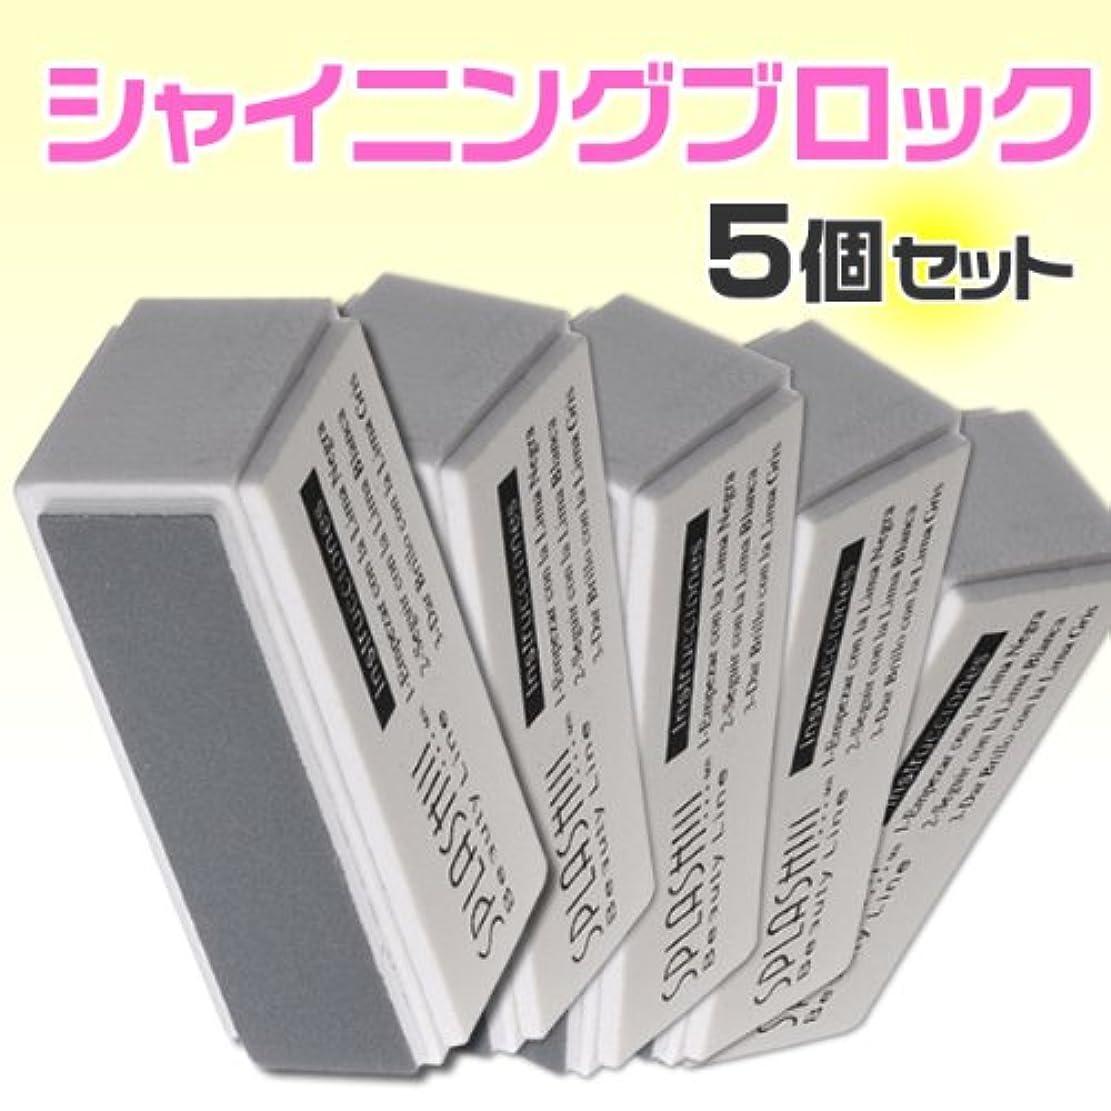 知性慣れるピットクリスタルネイル同等 ネイルバッファーブロックファイルネイルファイル5個セット 爪磨き爪やすり